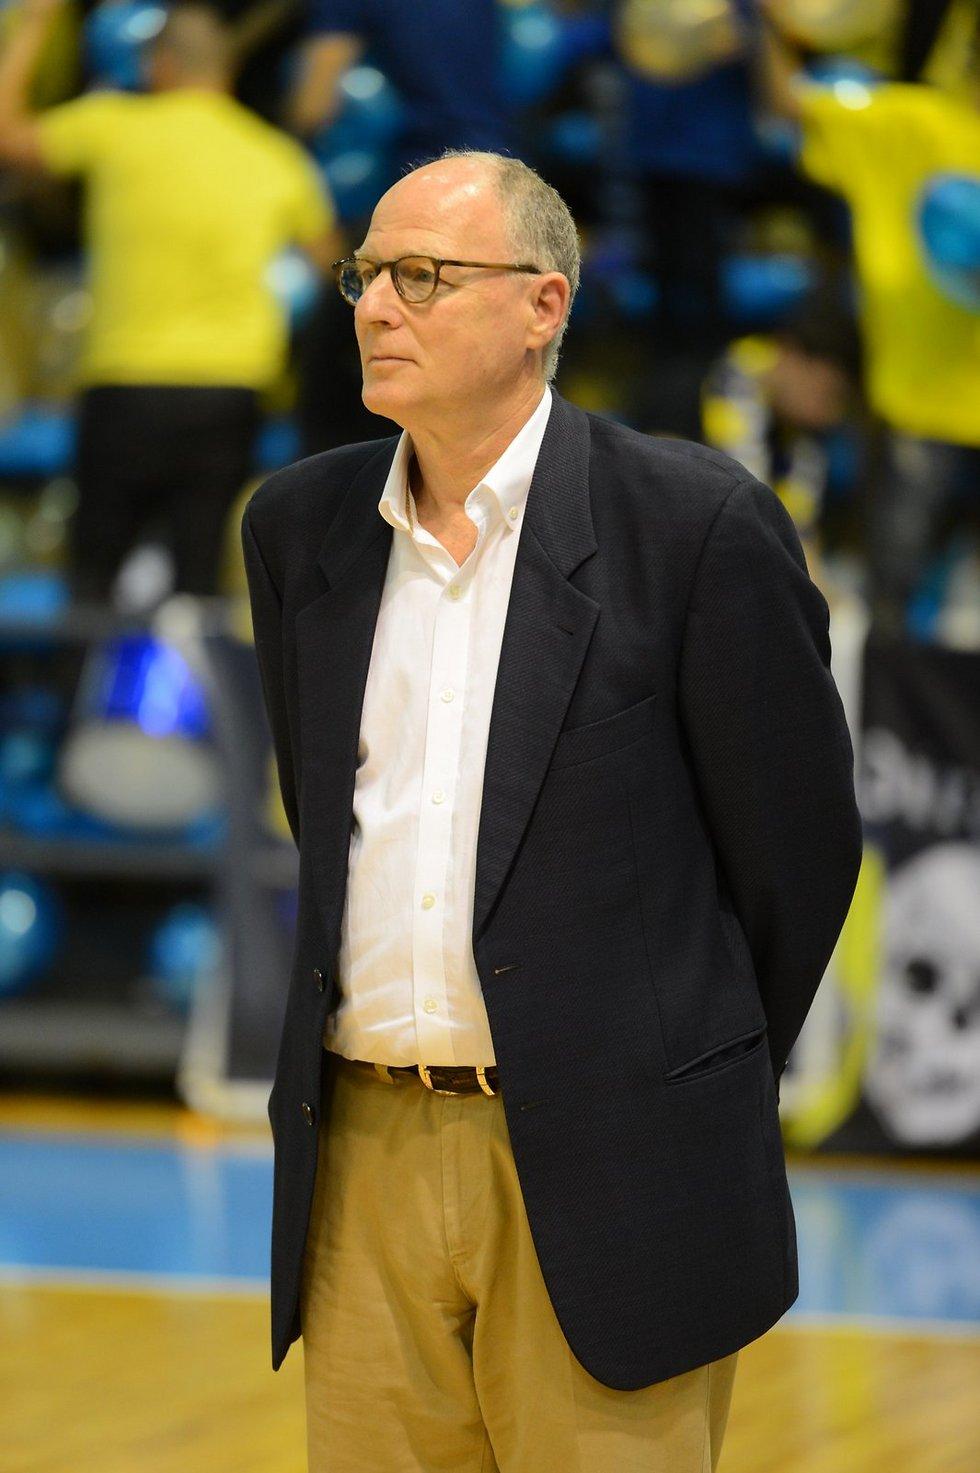 כנראה מאמן העונה. בראד גרינברג  (צילום: אבי רוקח)